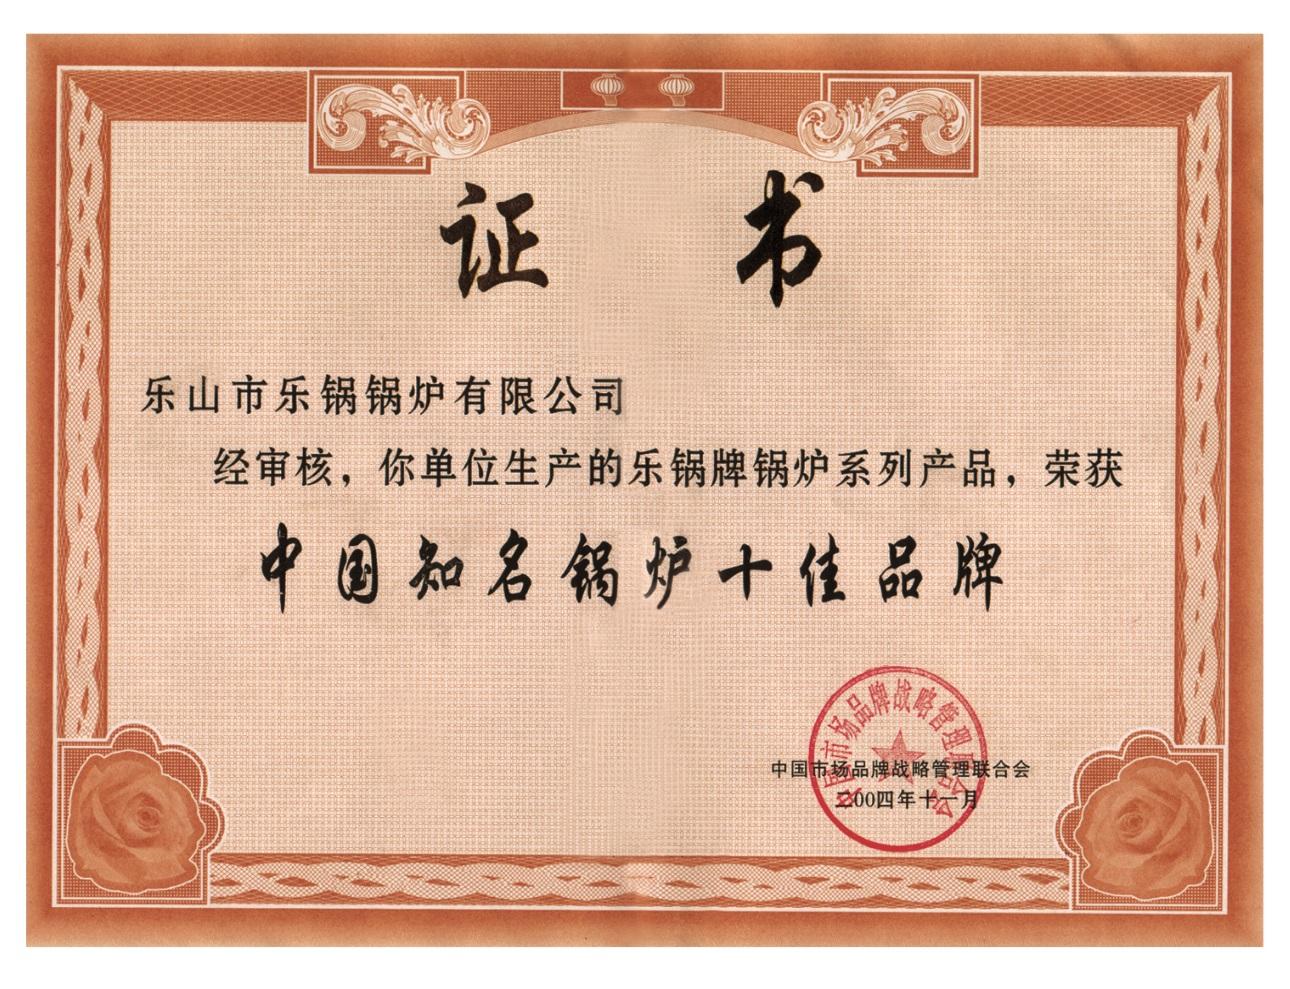 中國知名十佳品牌